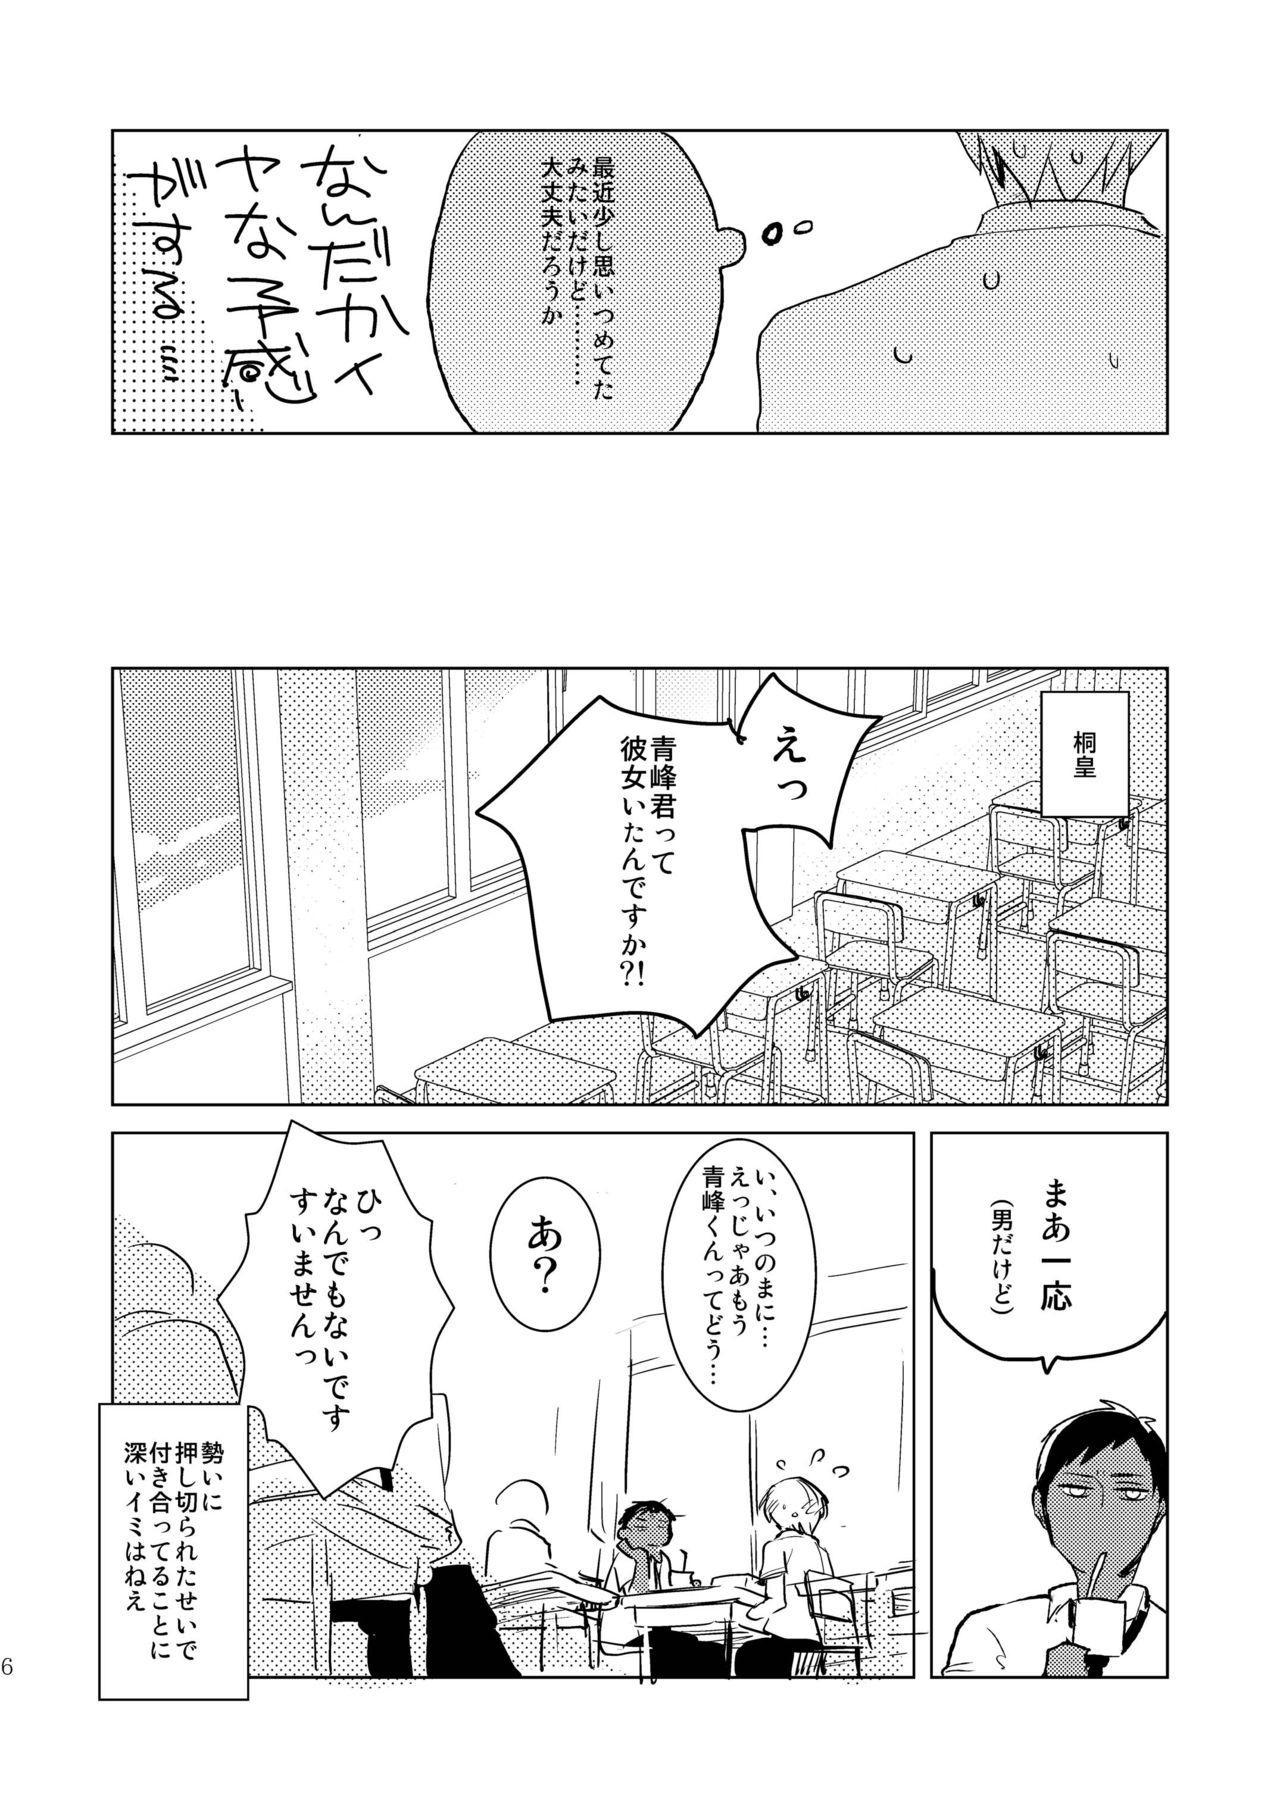 Kagami-kun no Ero hon 9 Ippatsuyara Sete Kure! 4